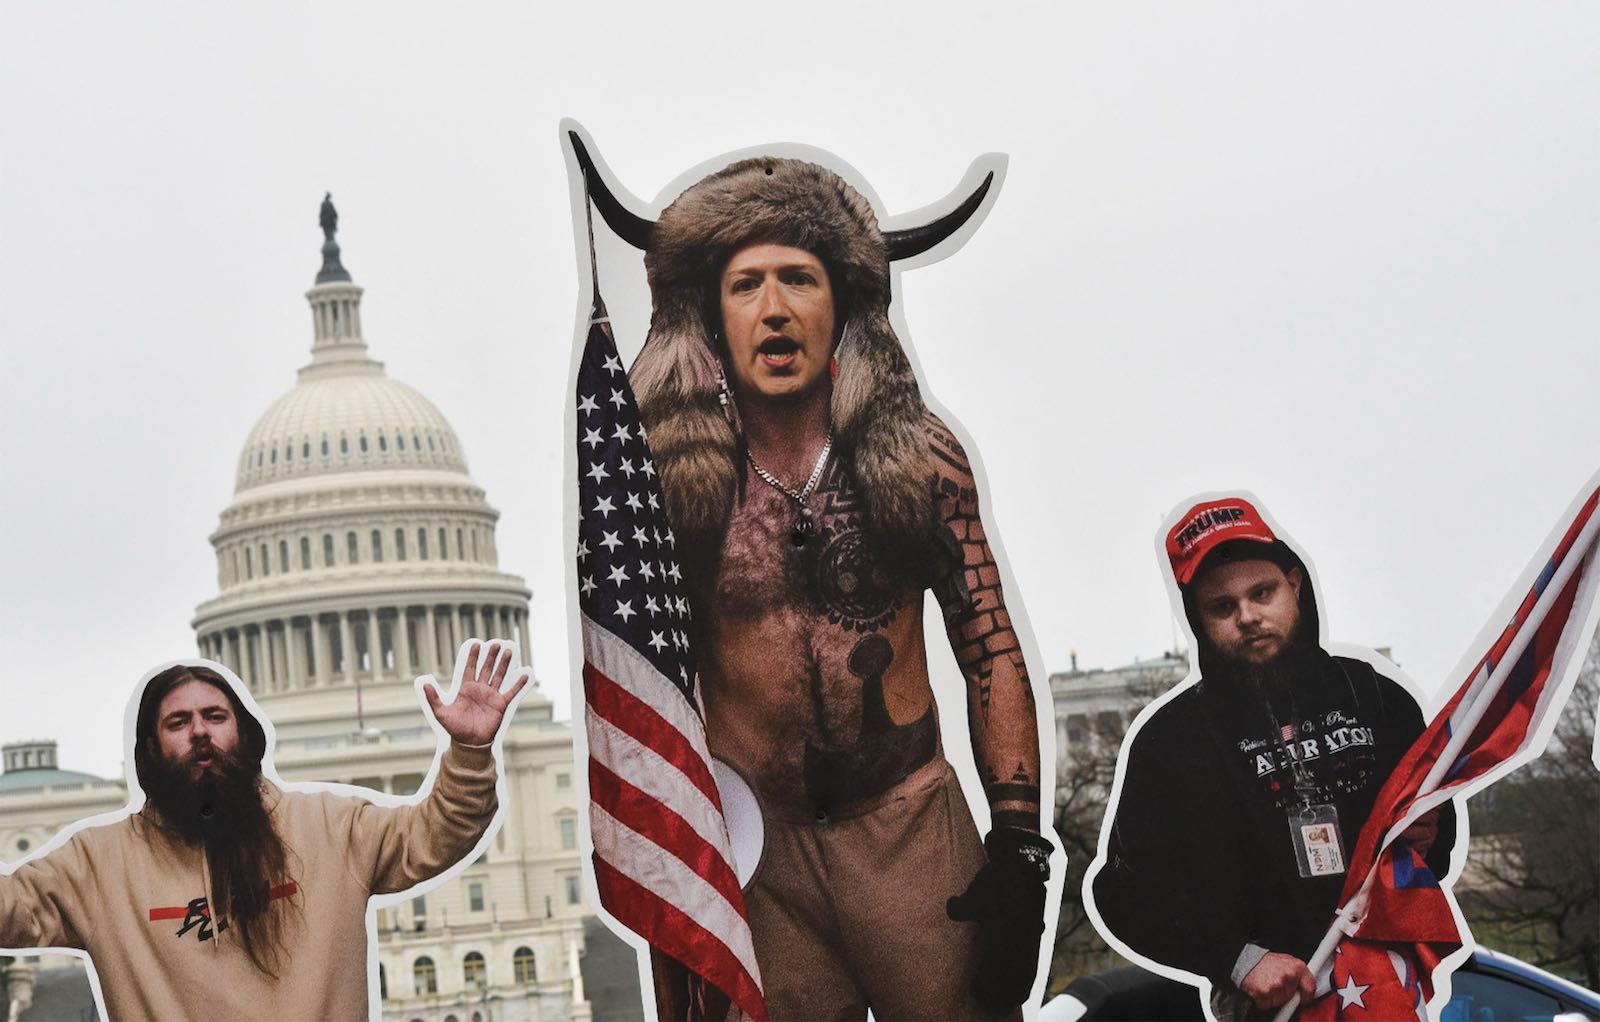 Zuckerberg dressed as the QAnon shaman